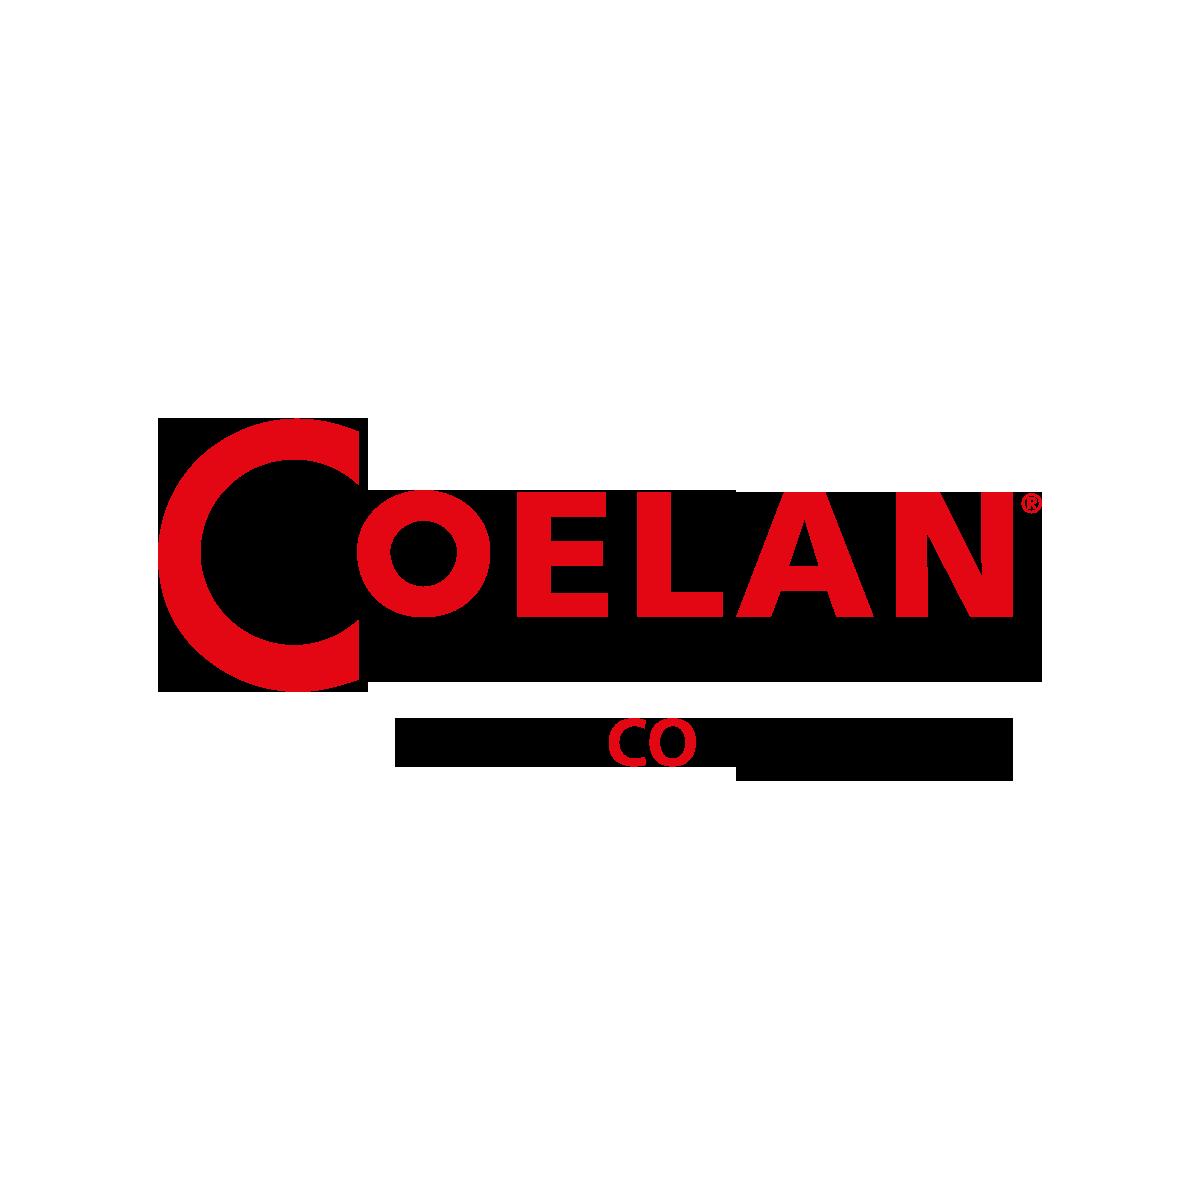 Coelan Flüssigkunststoffe GmbH & Co. KG